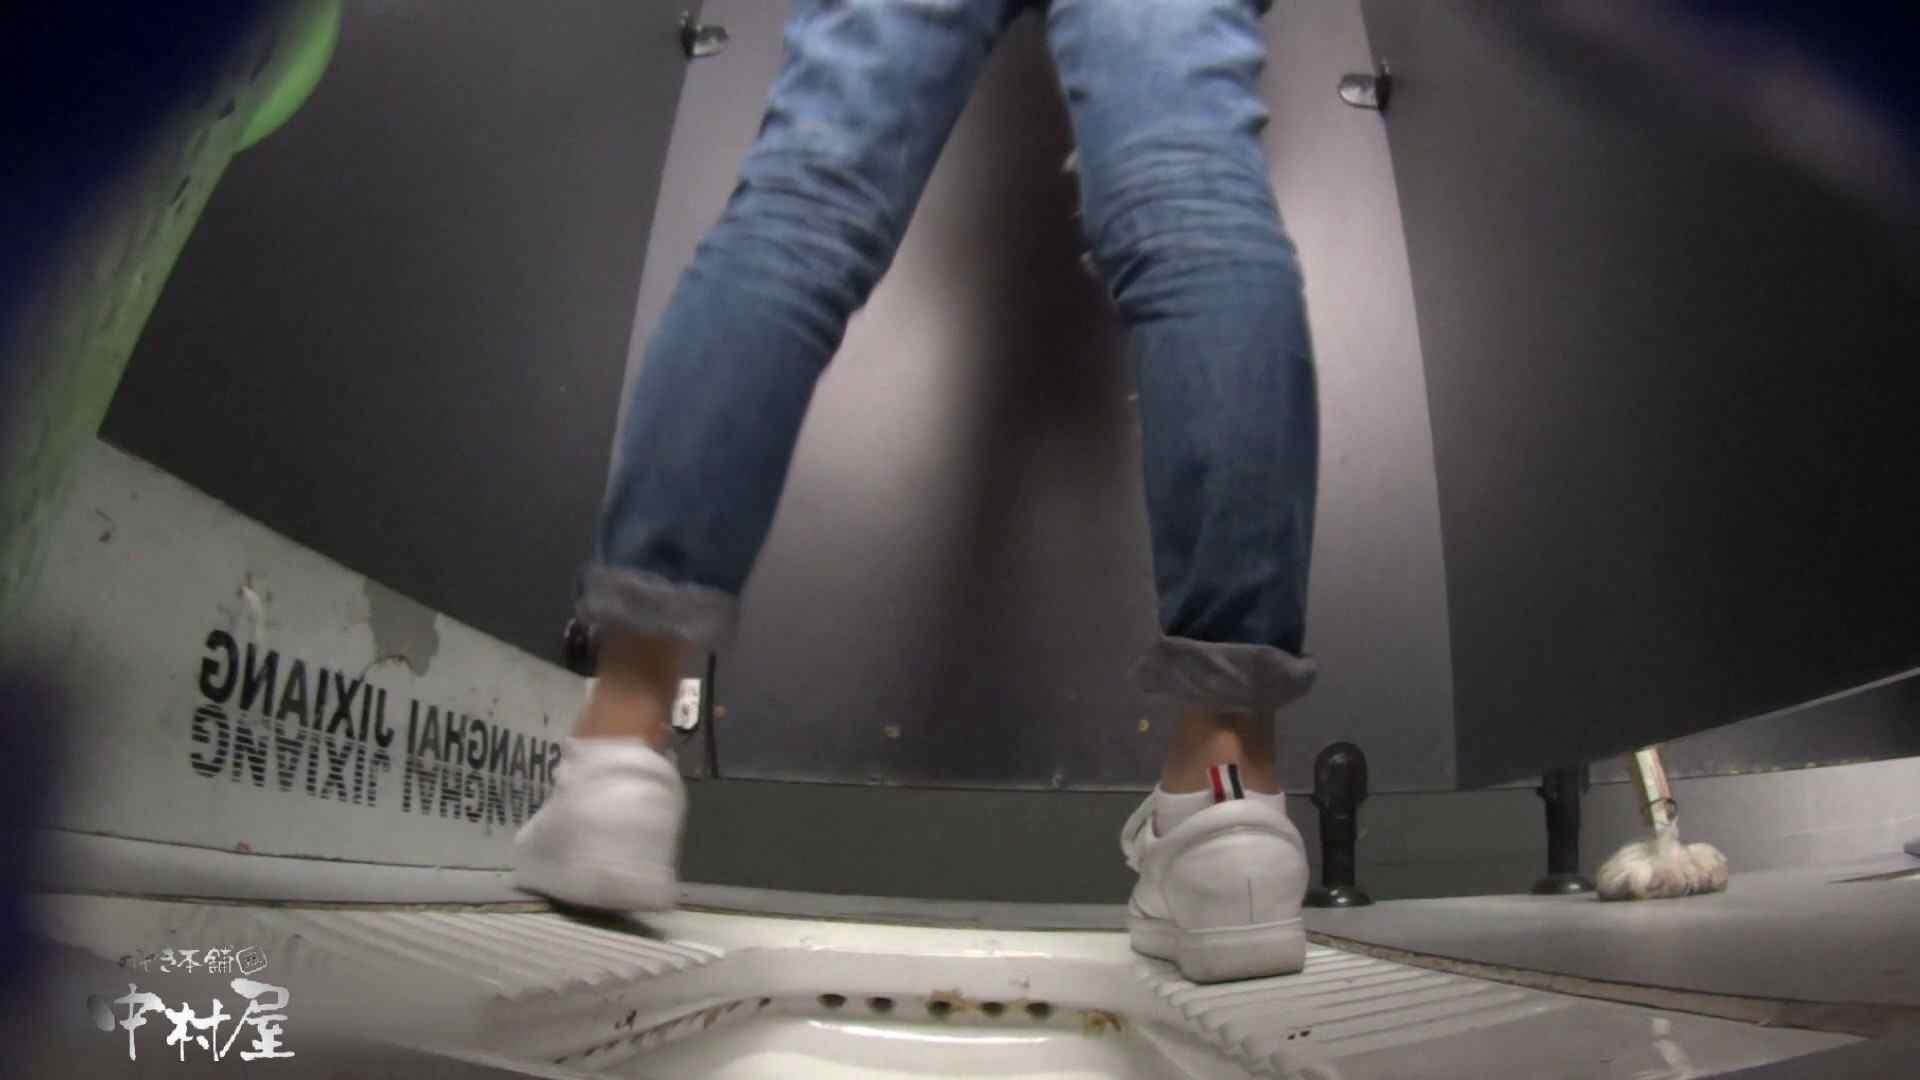 グレースパッツお女市さん 大学休憩時間の洗面所事情31 盗撮師作品 われめAV動画紹介 85pic 74